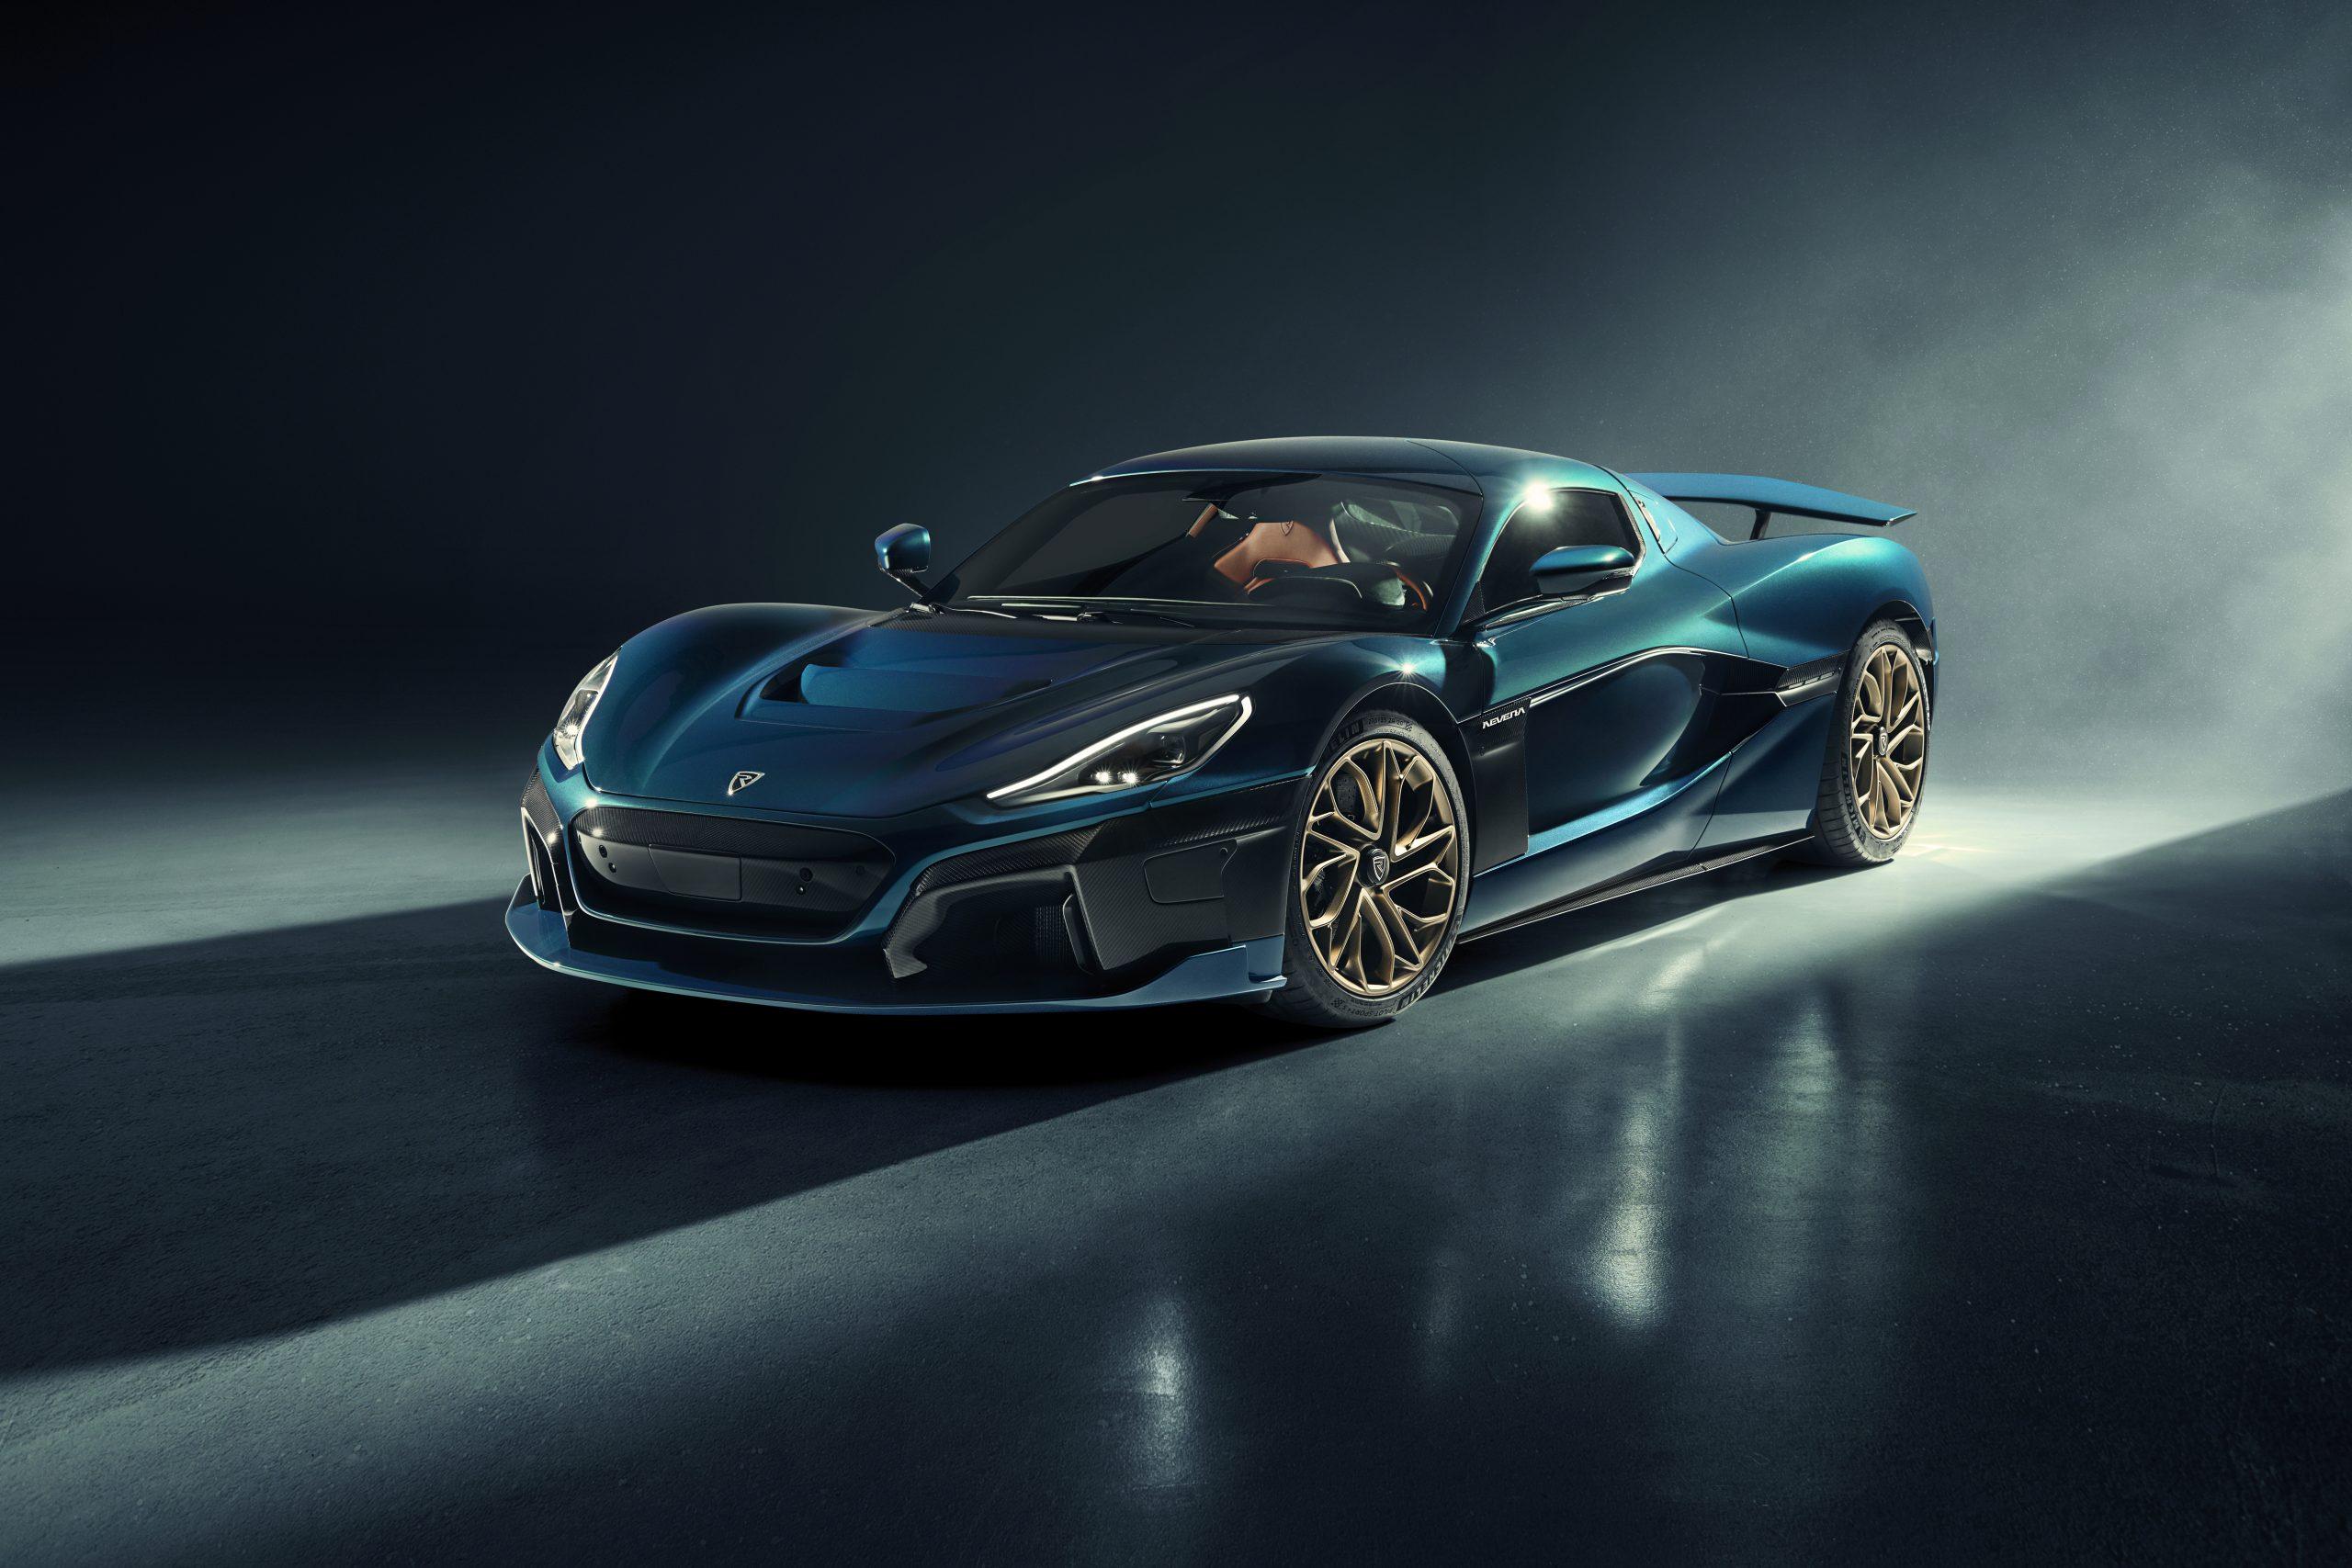 RIMAC NEVERA FRONT 34 close scaled Rimac και Porsche, αγοράζουν τη Bugatti; Bugatti, Porsche, Rimac, Volkswagen, VW, zblog, ειδήσεις, Νέα